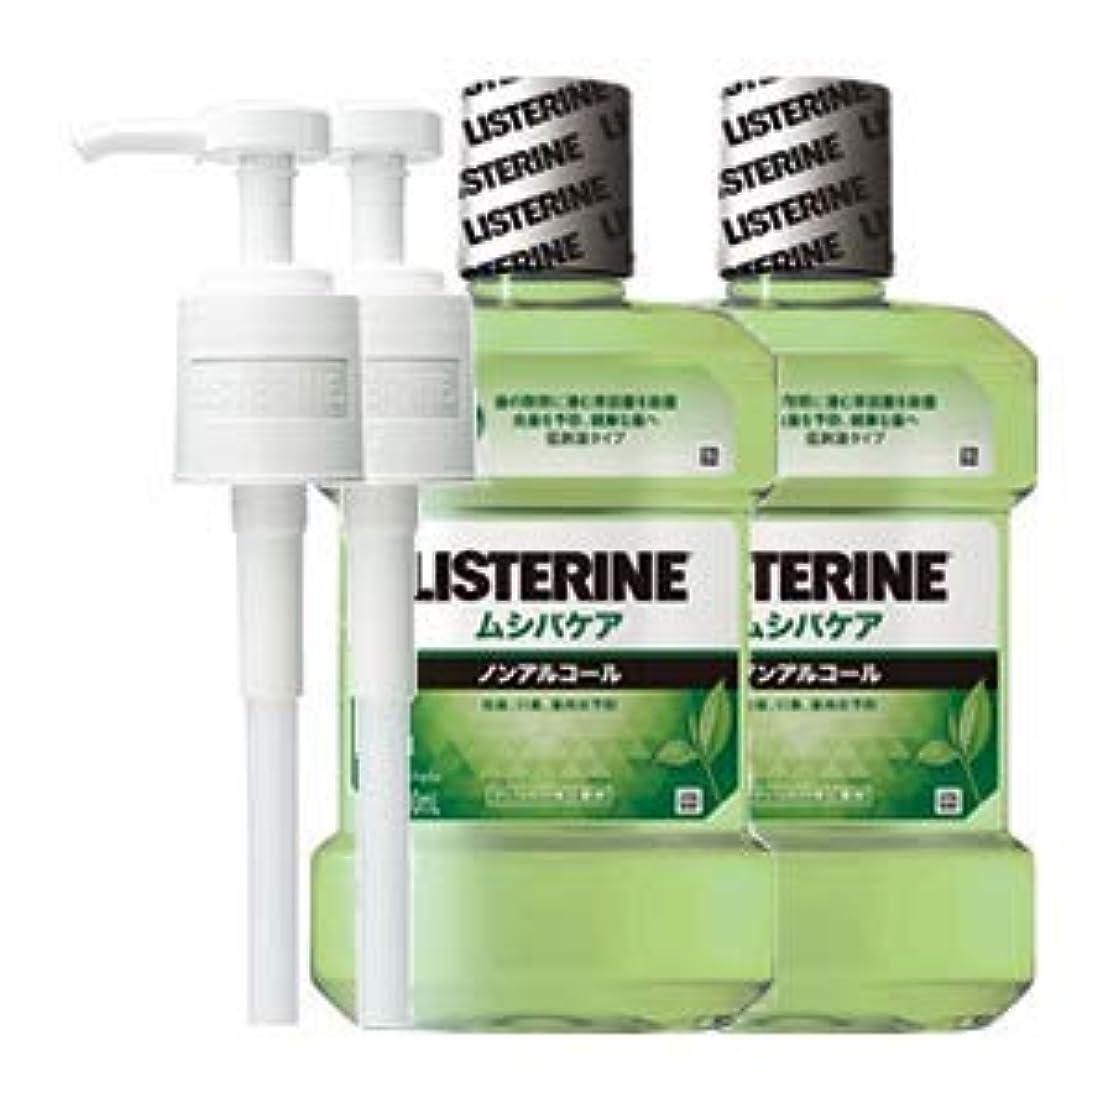 薬用リステリン ムシバケア (液体歯磨) 1000mL 2点セット (ポンプ付)